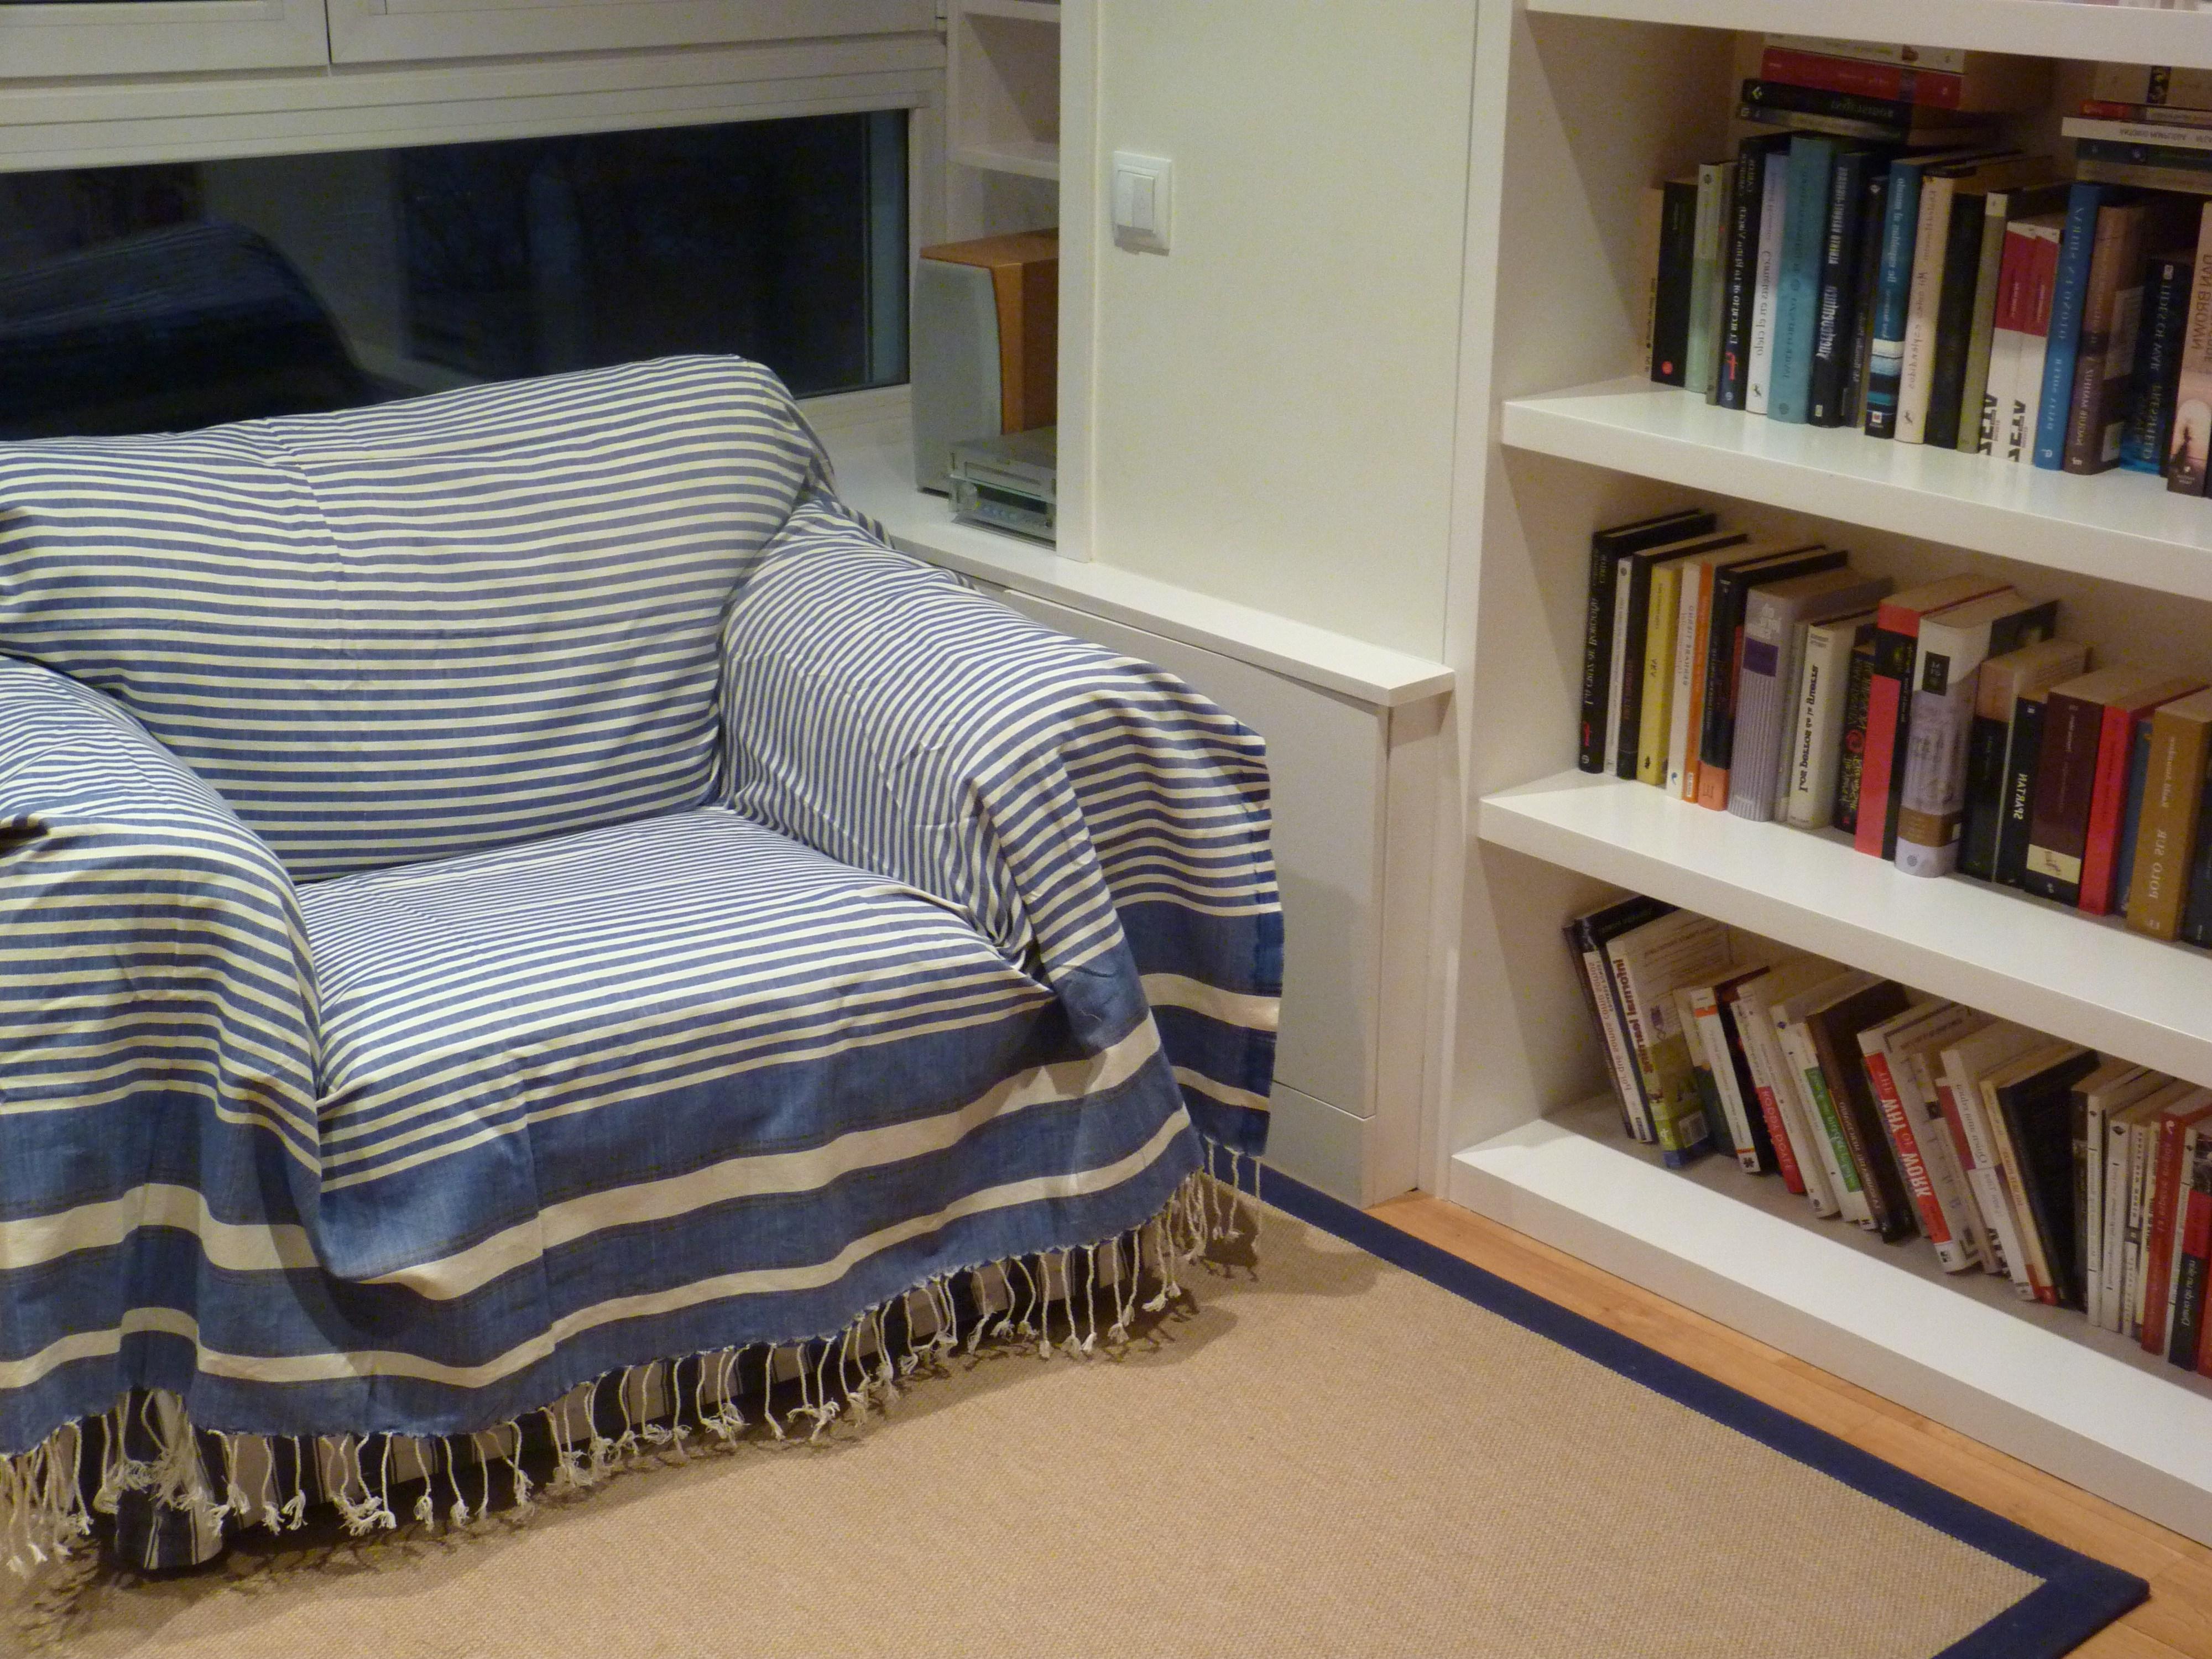 Telas Para Cubrir sofas Ikea Nkde Cubrir Sillones Con Telas Telas Para Cubrir sofas Gallery Of